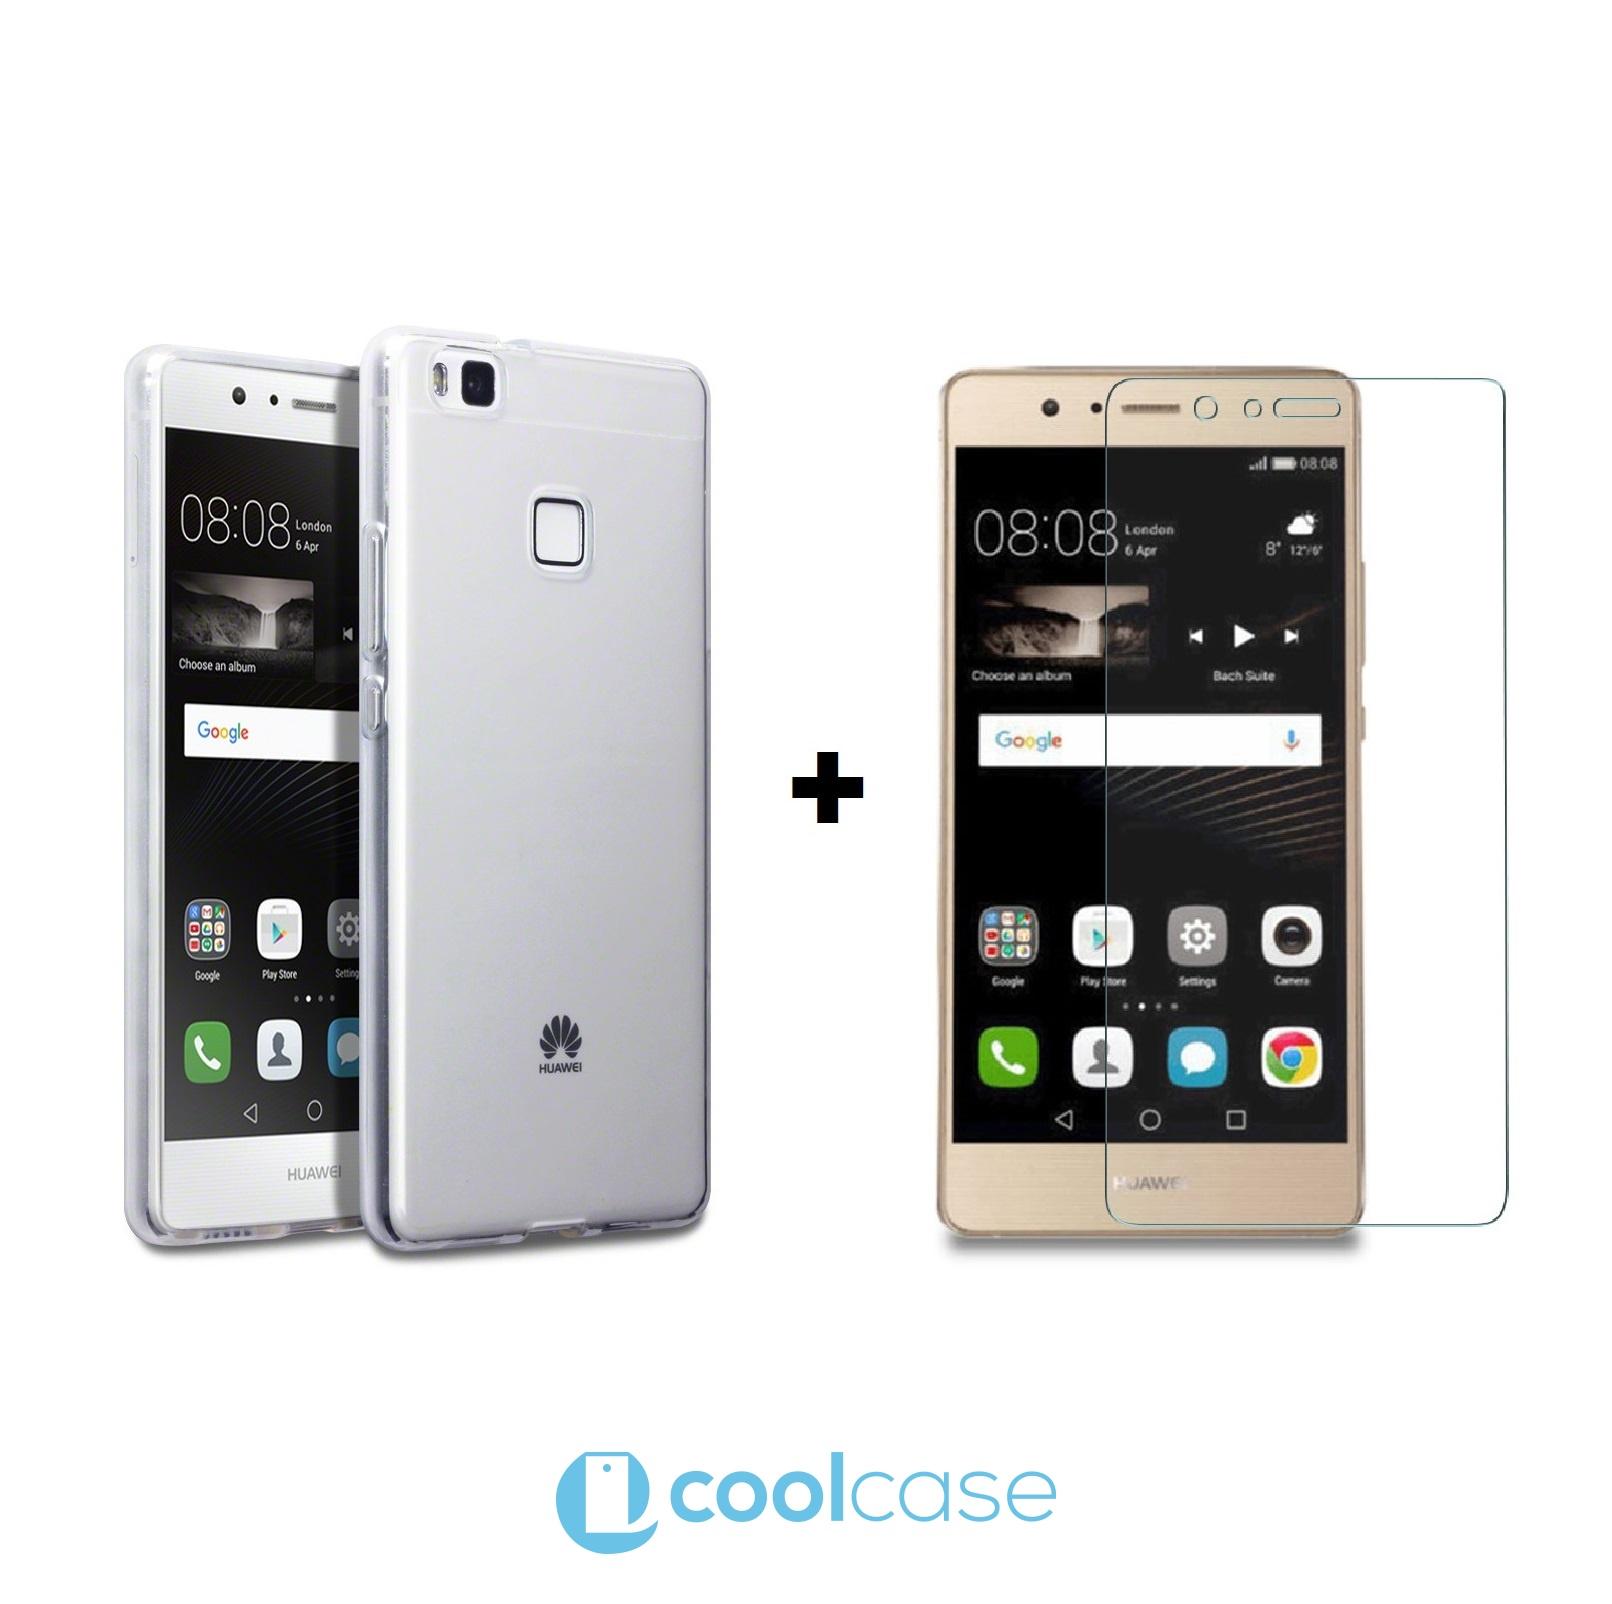 Kompletní ochrana mobilu Huawei P9 Lite - silikonové pouzdro + ochranné sklo (Kompletní ochrana mobilního telefonu Huawei P9 Lite - tvrzené ochranné sklo a čiré silikonové pouzdro)